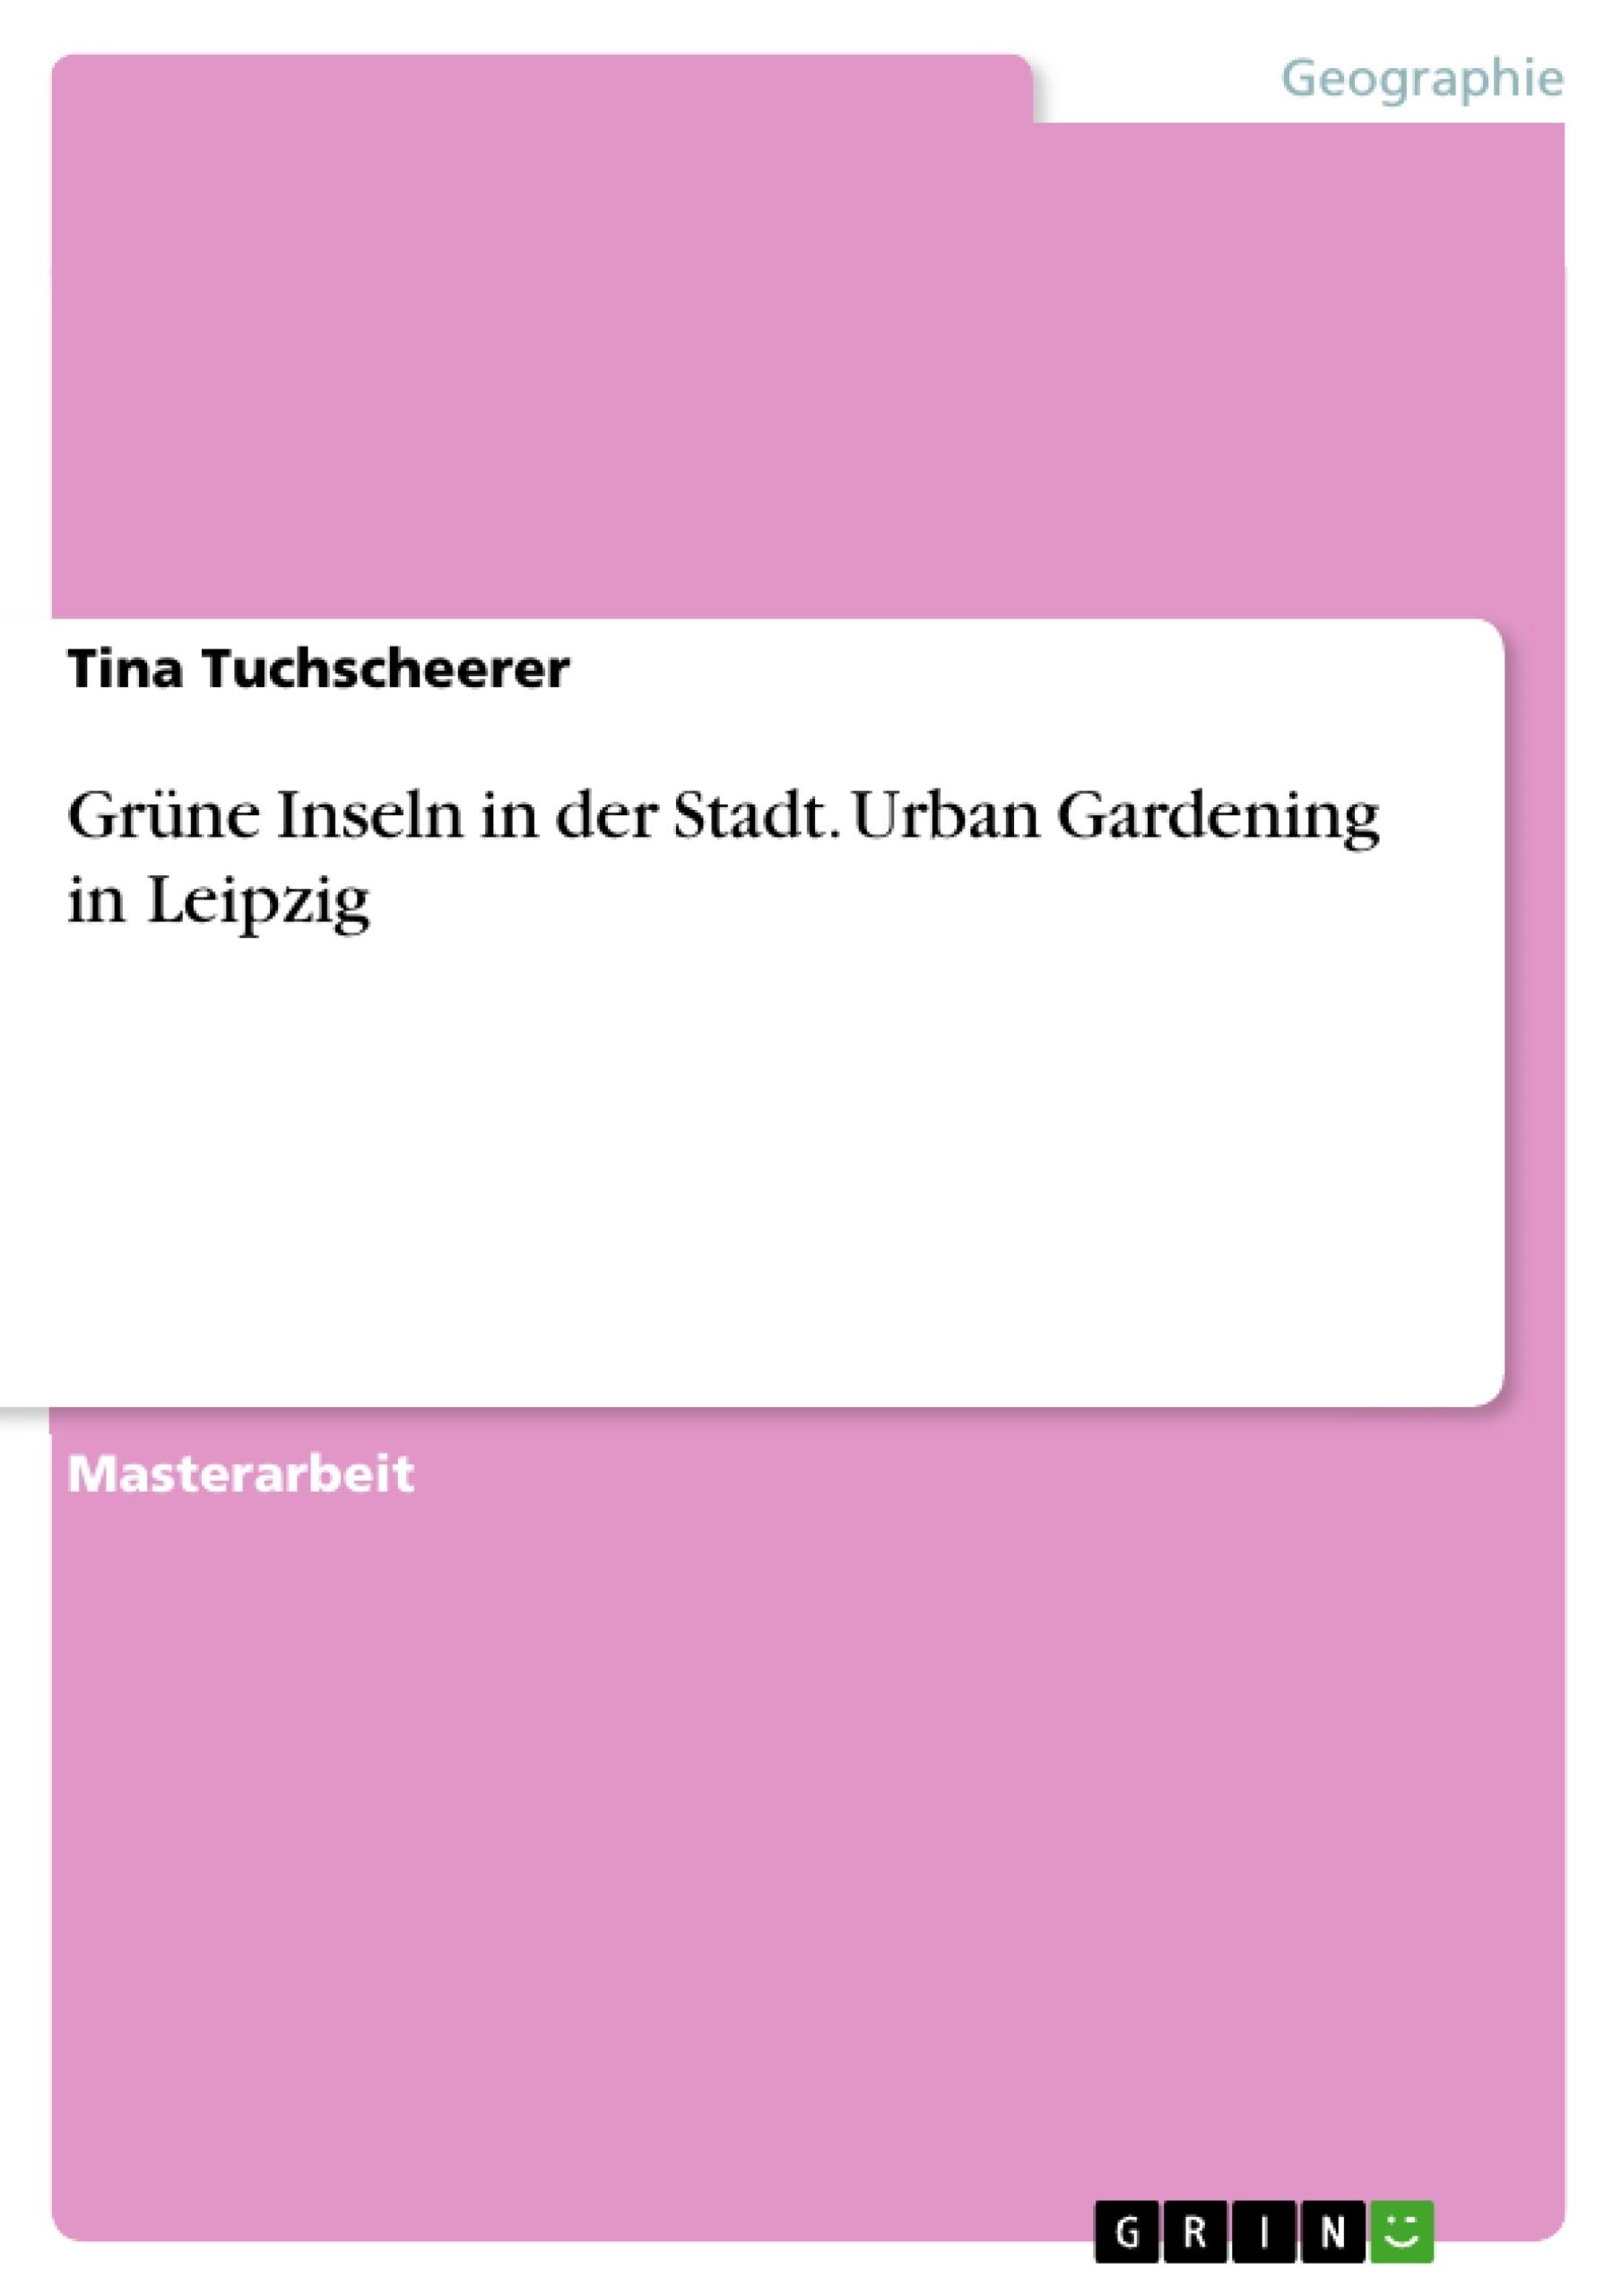 Titel: Grüne Inseln in der Stadt. Urban Gardening in Leipzig